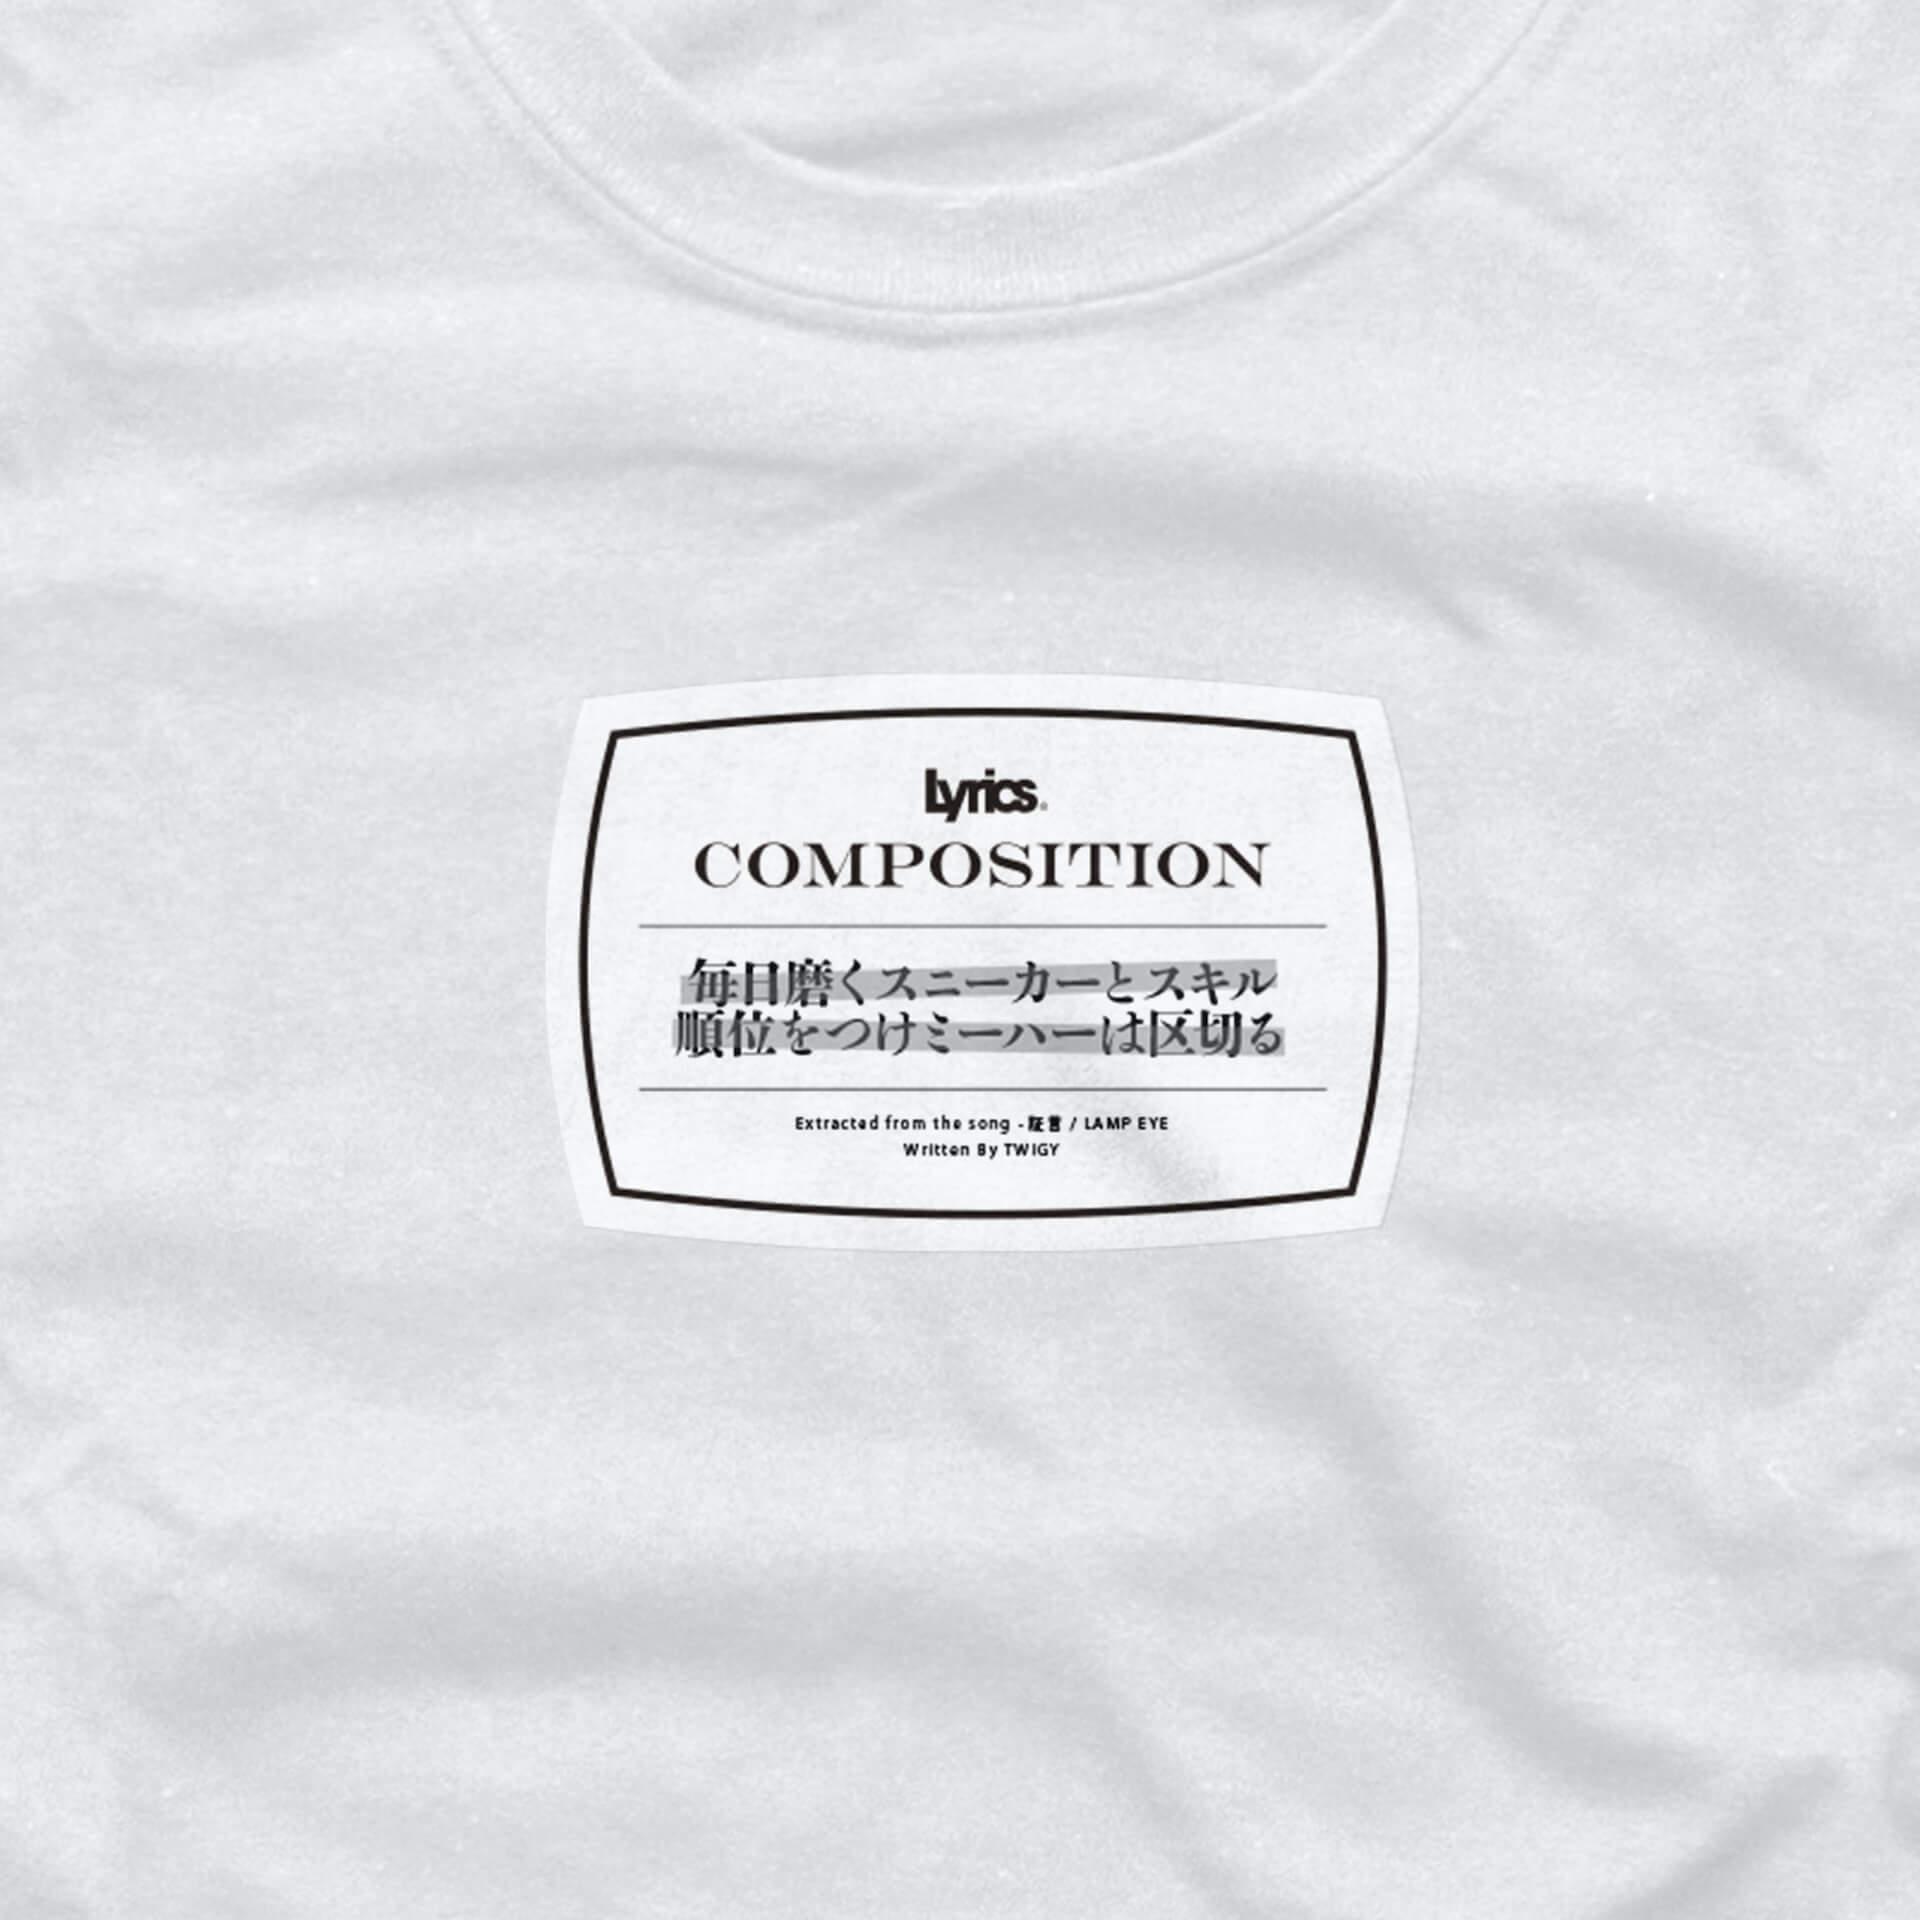 Zeebra、NIPPS、TWIGYのパンチラインがアパレルに!?リリックをデザインに落とし込んだアパレルブランド『Lyrics』が登場! Fashion210608_LYRICS-tshirt11